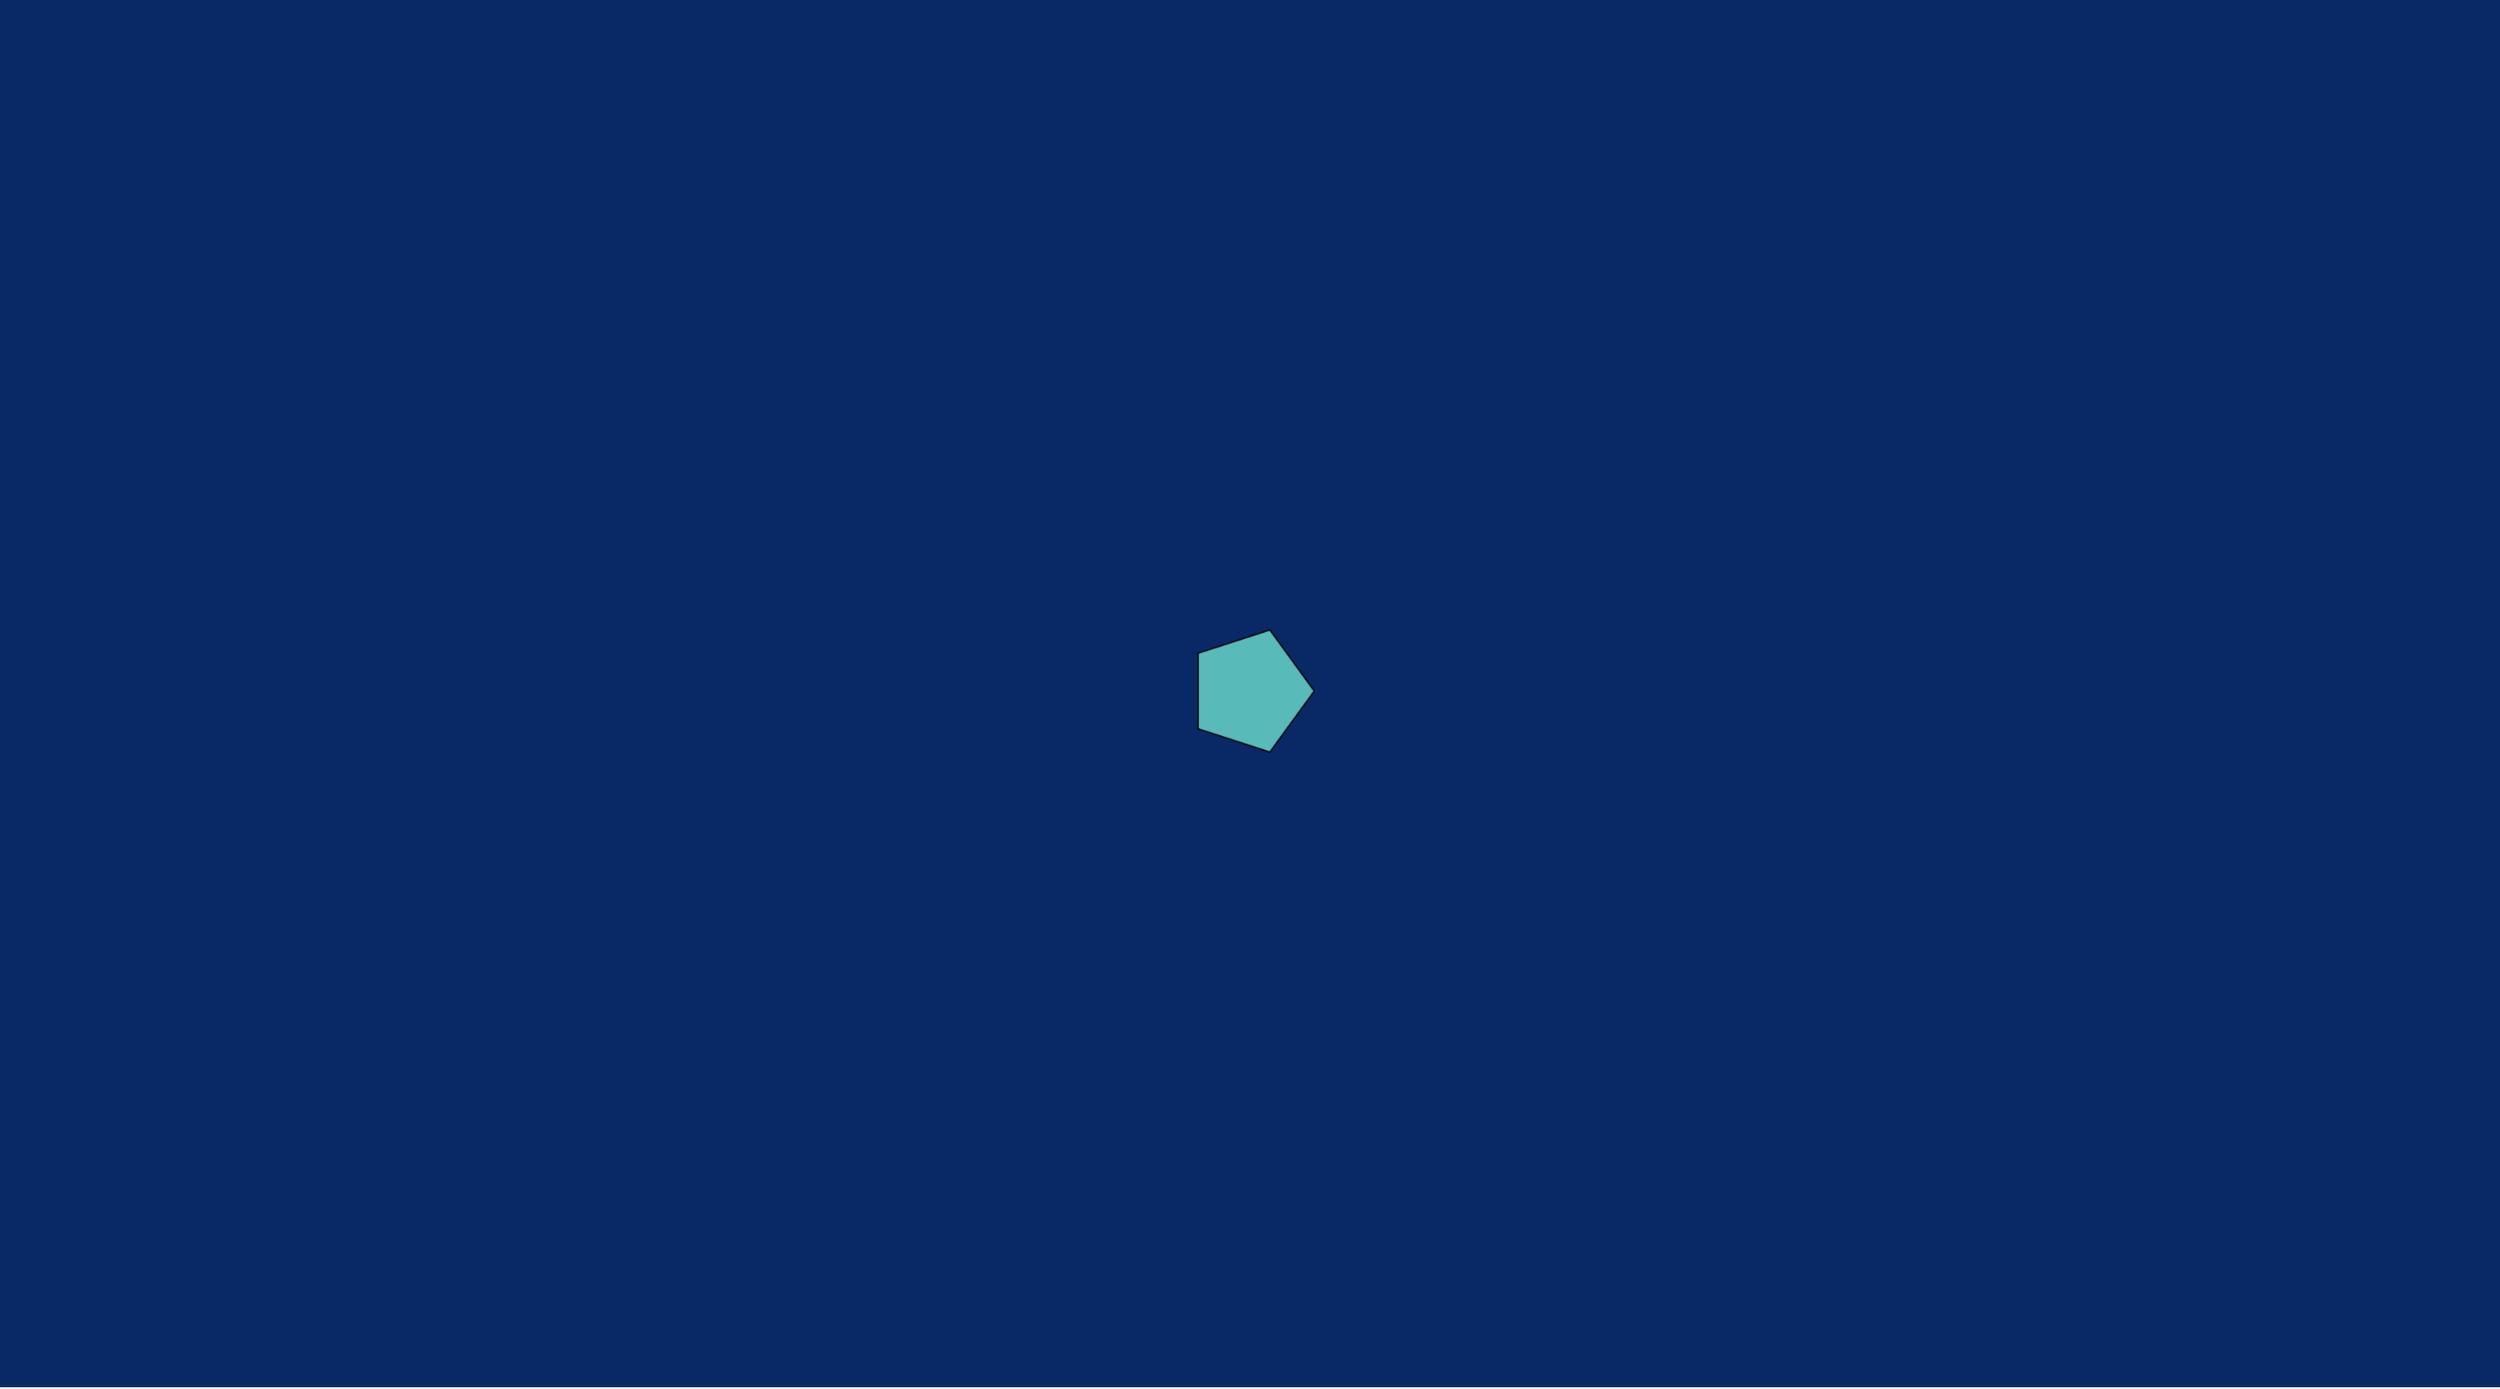 Screen Shot 2017-12-12 at 7.53.48 PM.png